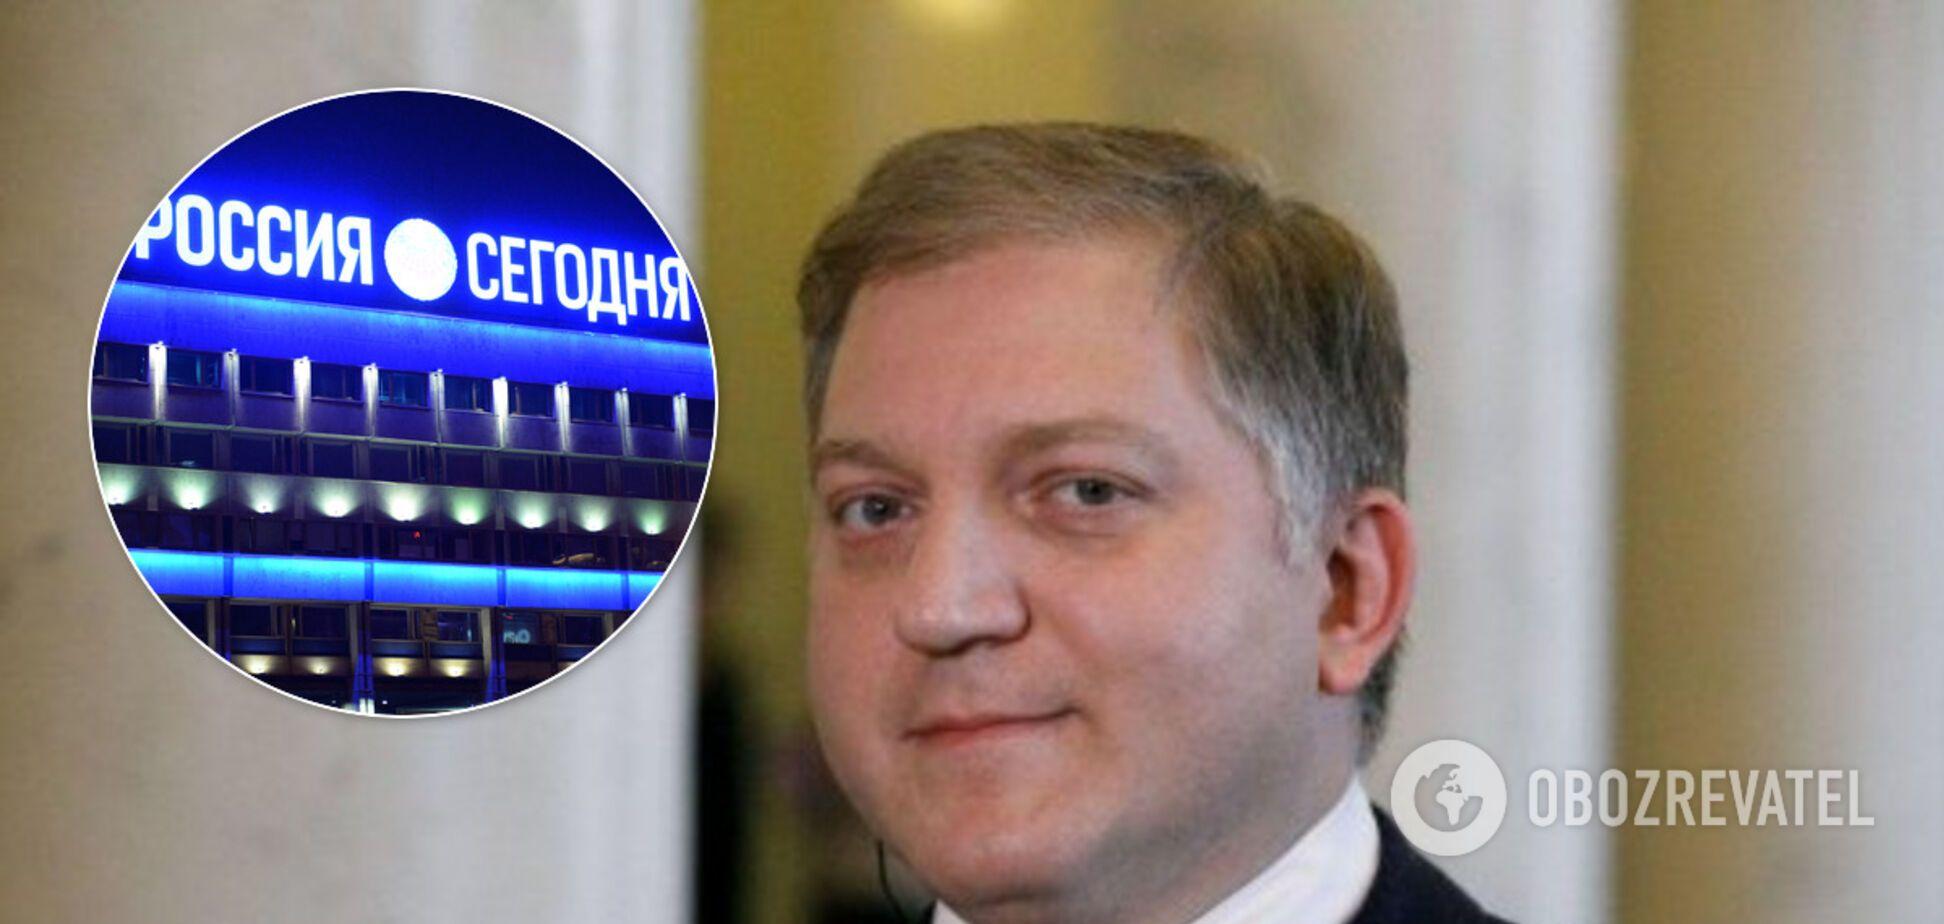 У РФ влаштували телеміст із українським нардепом і захотіли 'дружби'